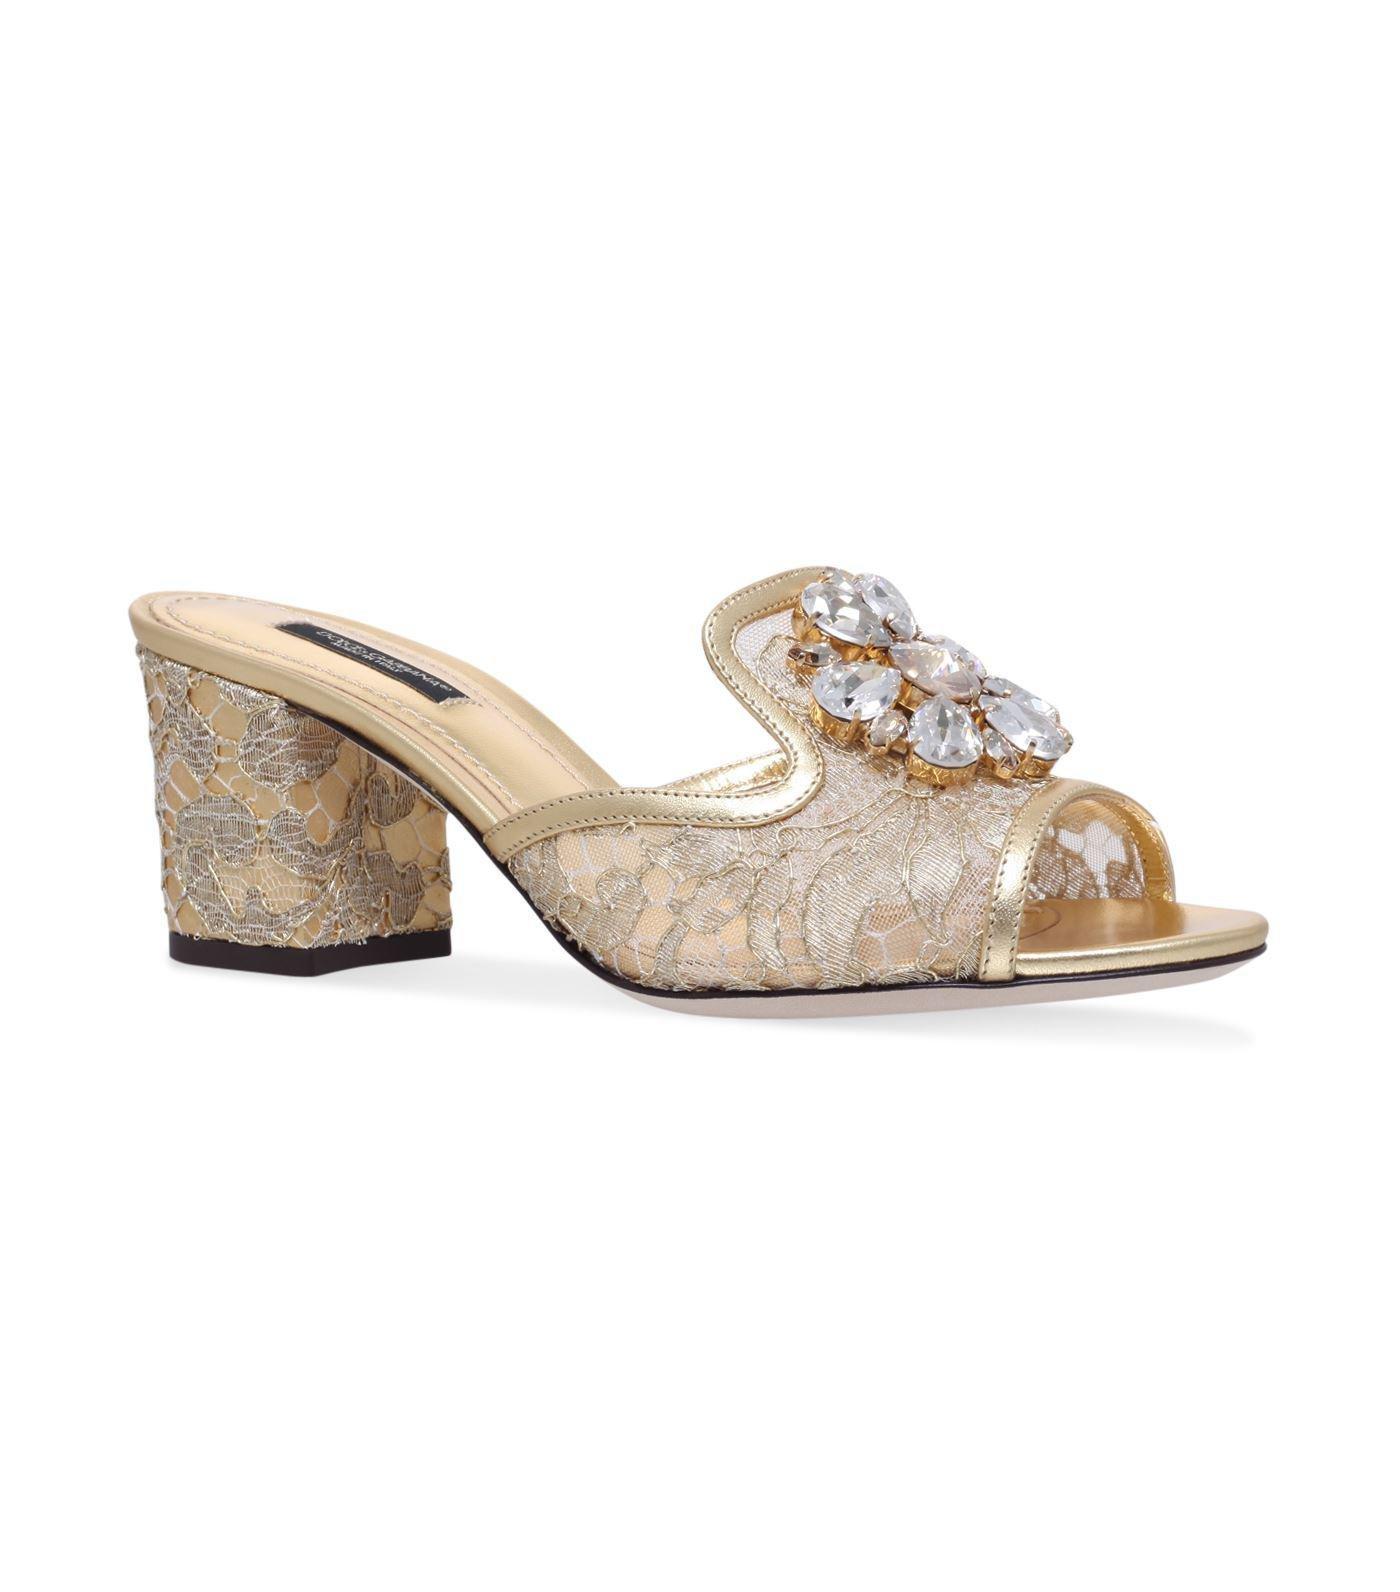 Dolce & Gabbana Bianca mules SR5CXSN